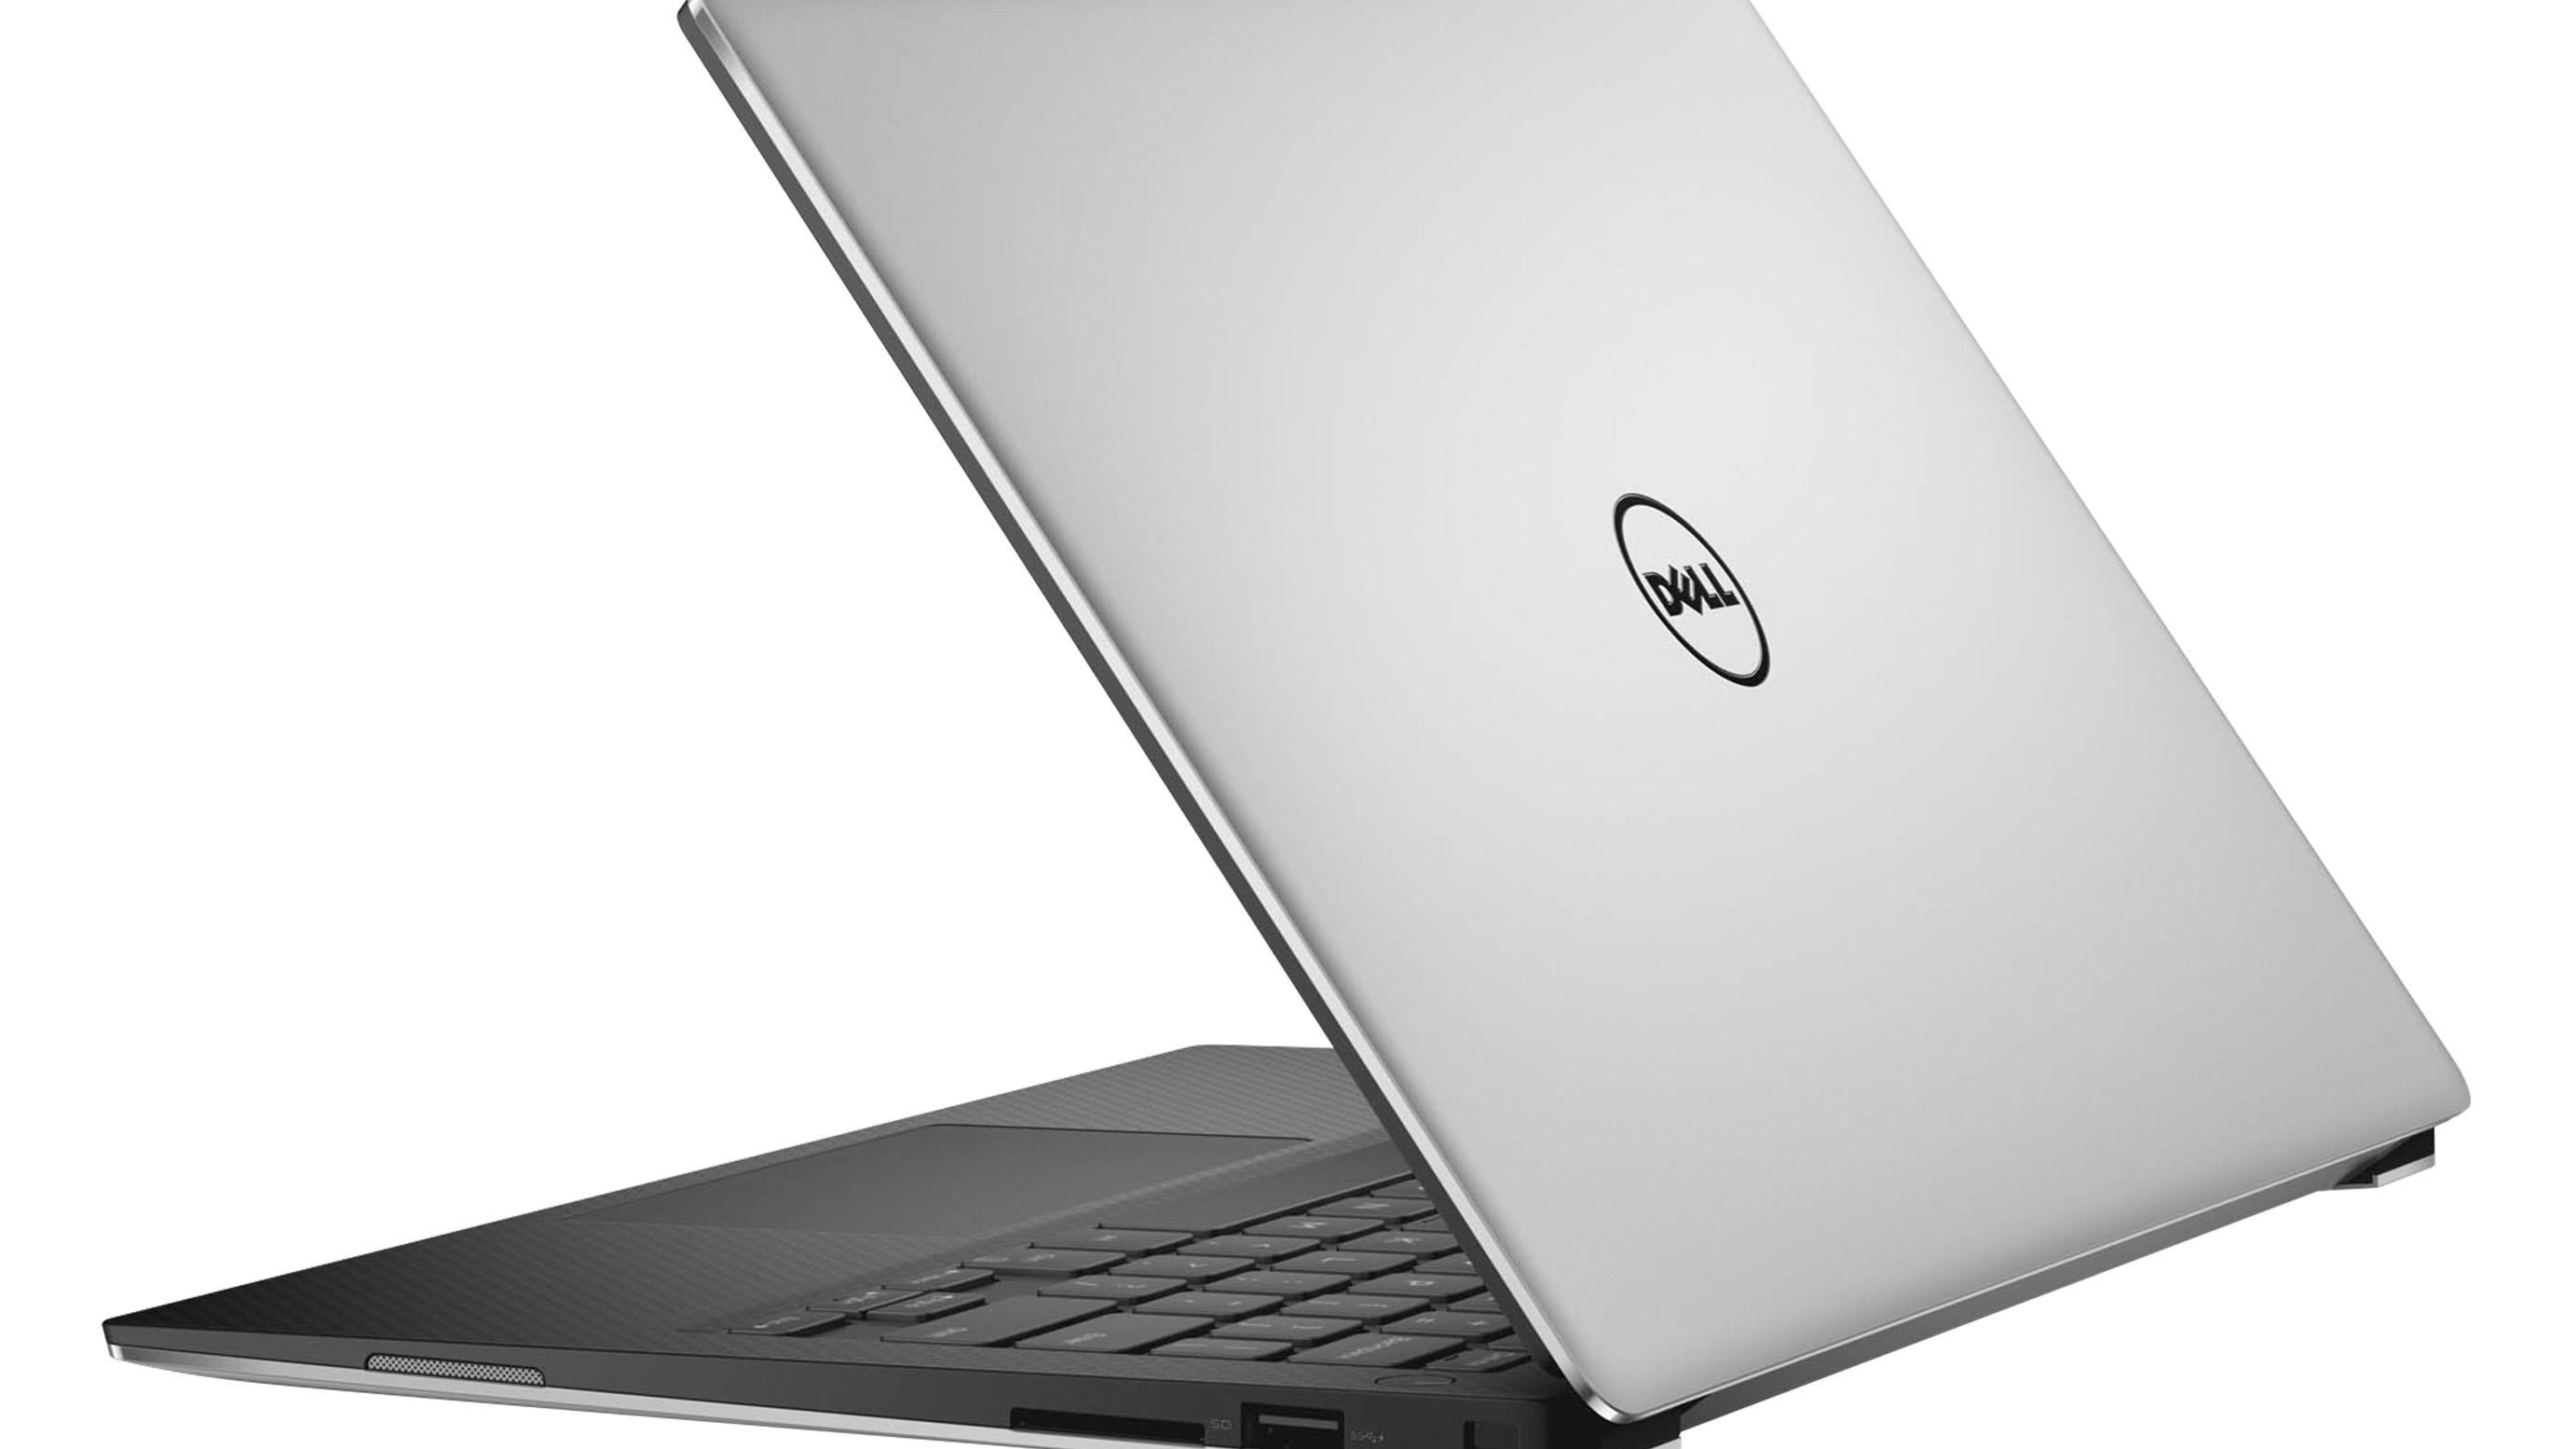 dell xps 15 95504444slv core i7 512gb signature edition laptop